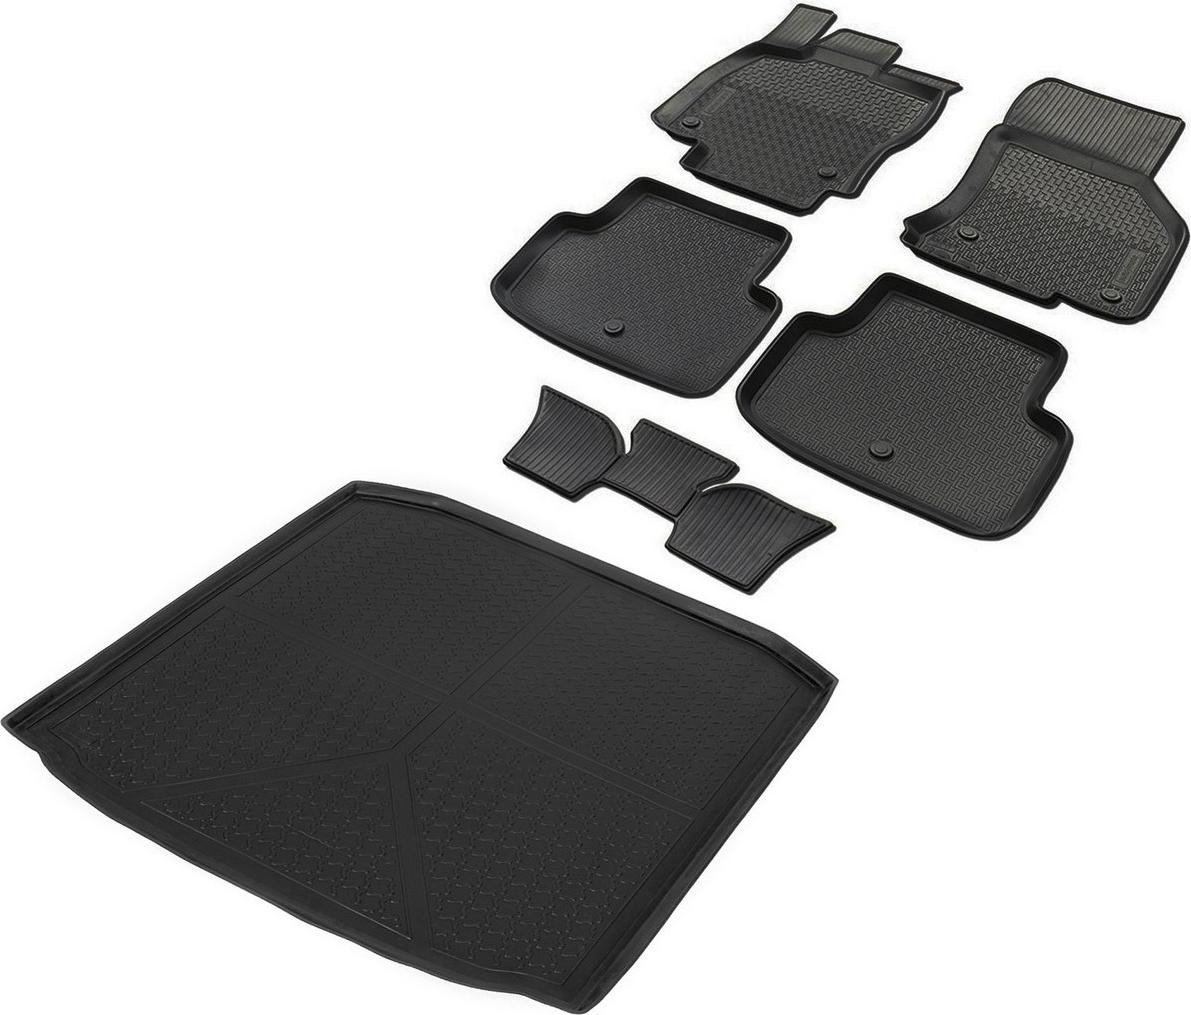 Комплект ковриков салона и багажника Rival для Skoda Octavia A7 универсал 2013-2017 2017-н.в., полиуретан, с крепежом, с перемычкой, 6 шт. K15101001-5 комплект ковриков салона и багажника rival для skoda octavia a7 2013 н в полиуретан k15101001 4